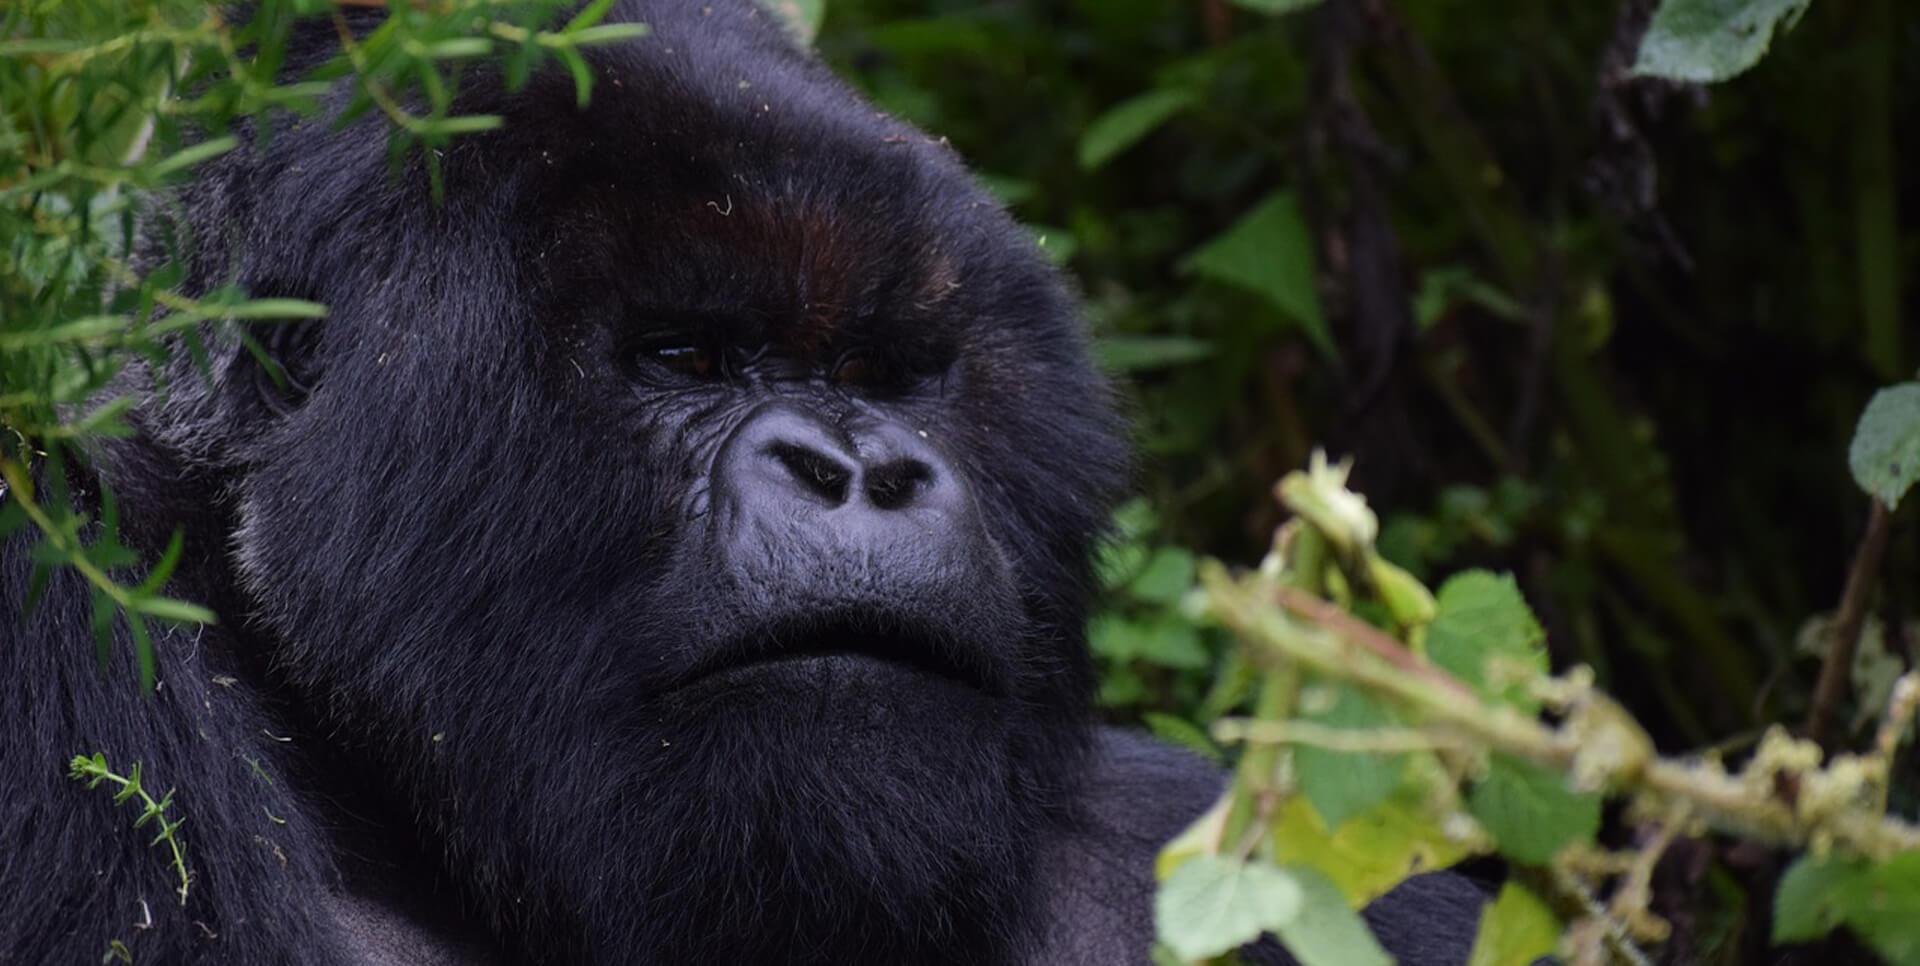 gorillas in rwanda, gorilla safaris rwanda, gorilla tours rwanda, rwanda gorillas, rwanda gorilla trekking, gorilla trekking rwanda